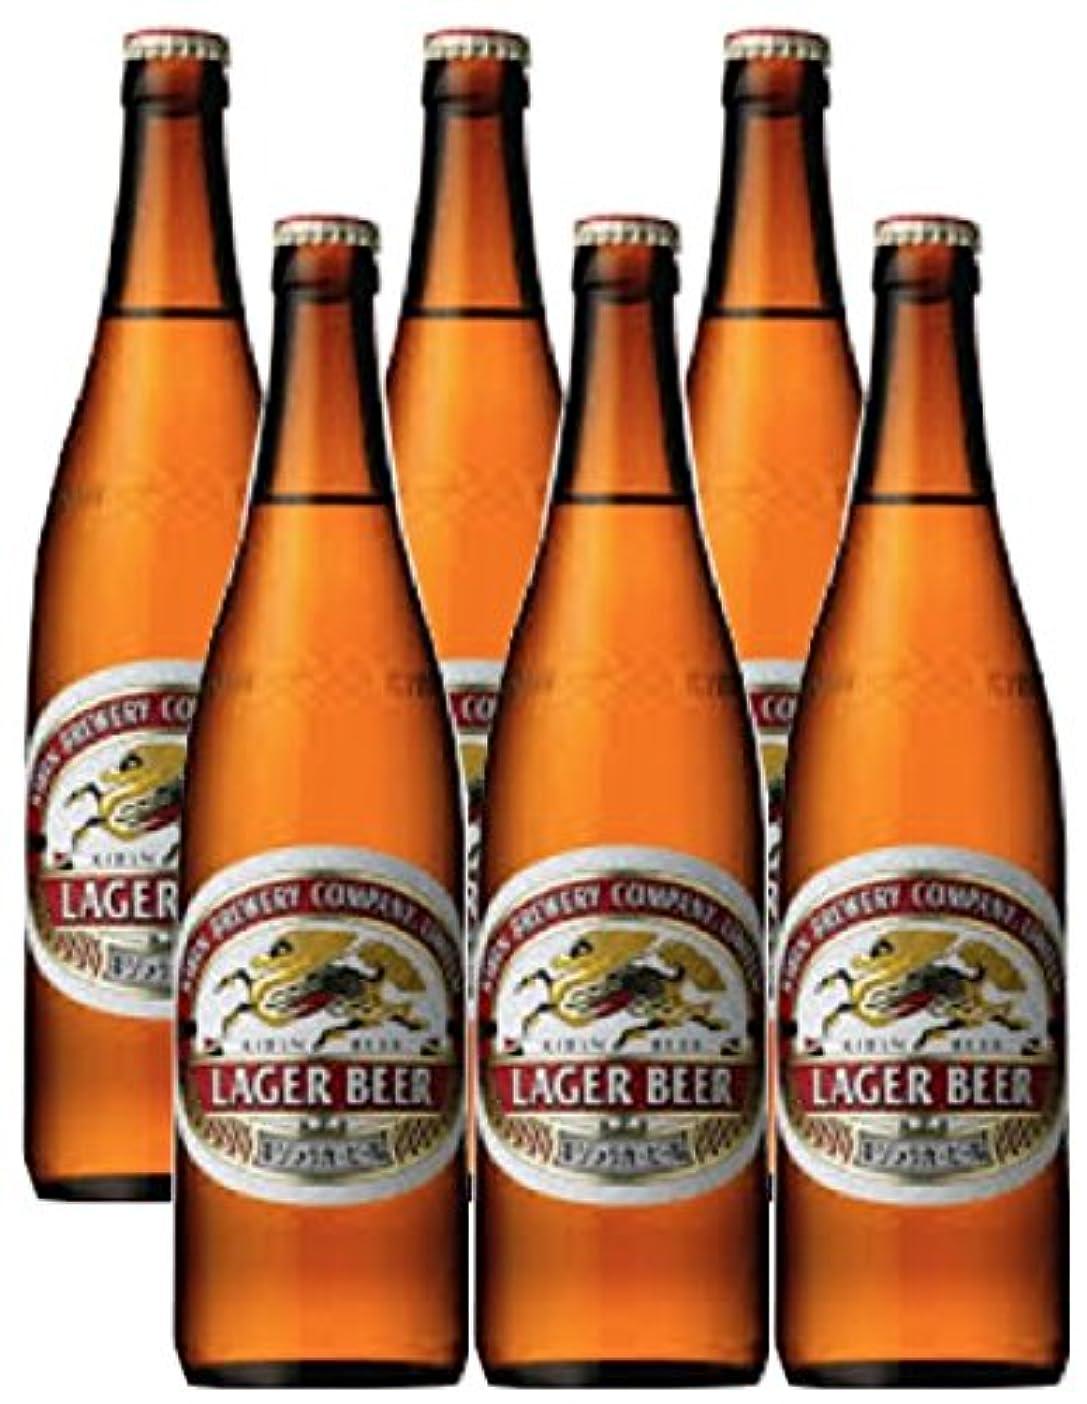 キリンラガービール 大瓶(633ml) x 6本